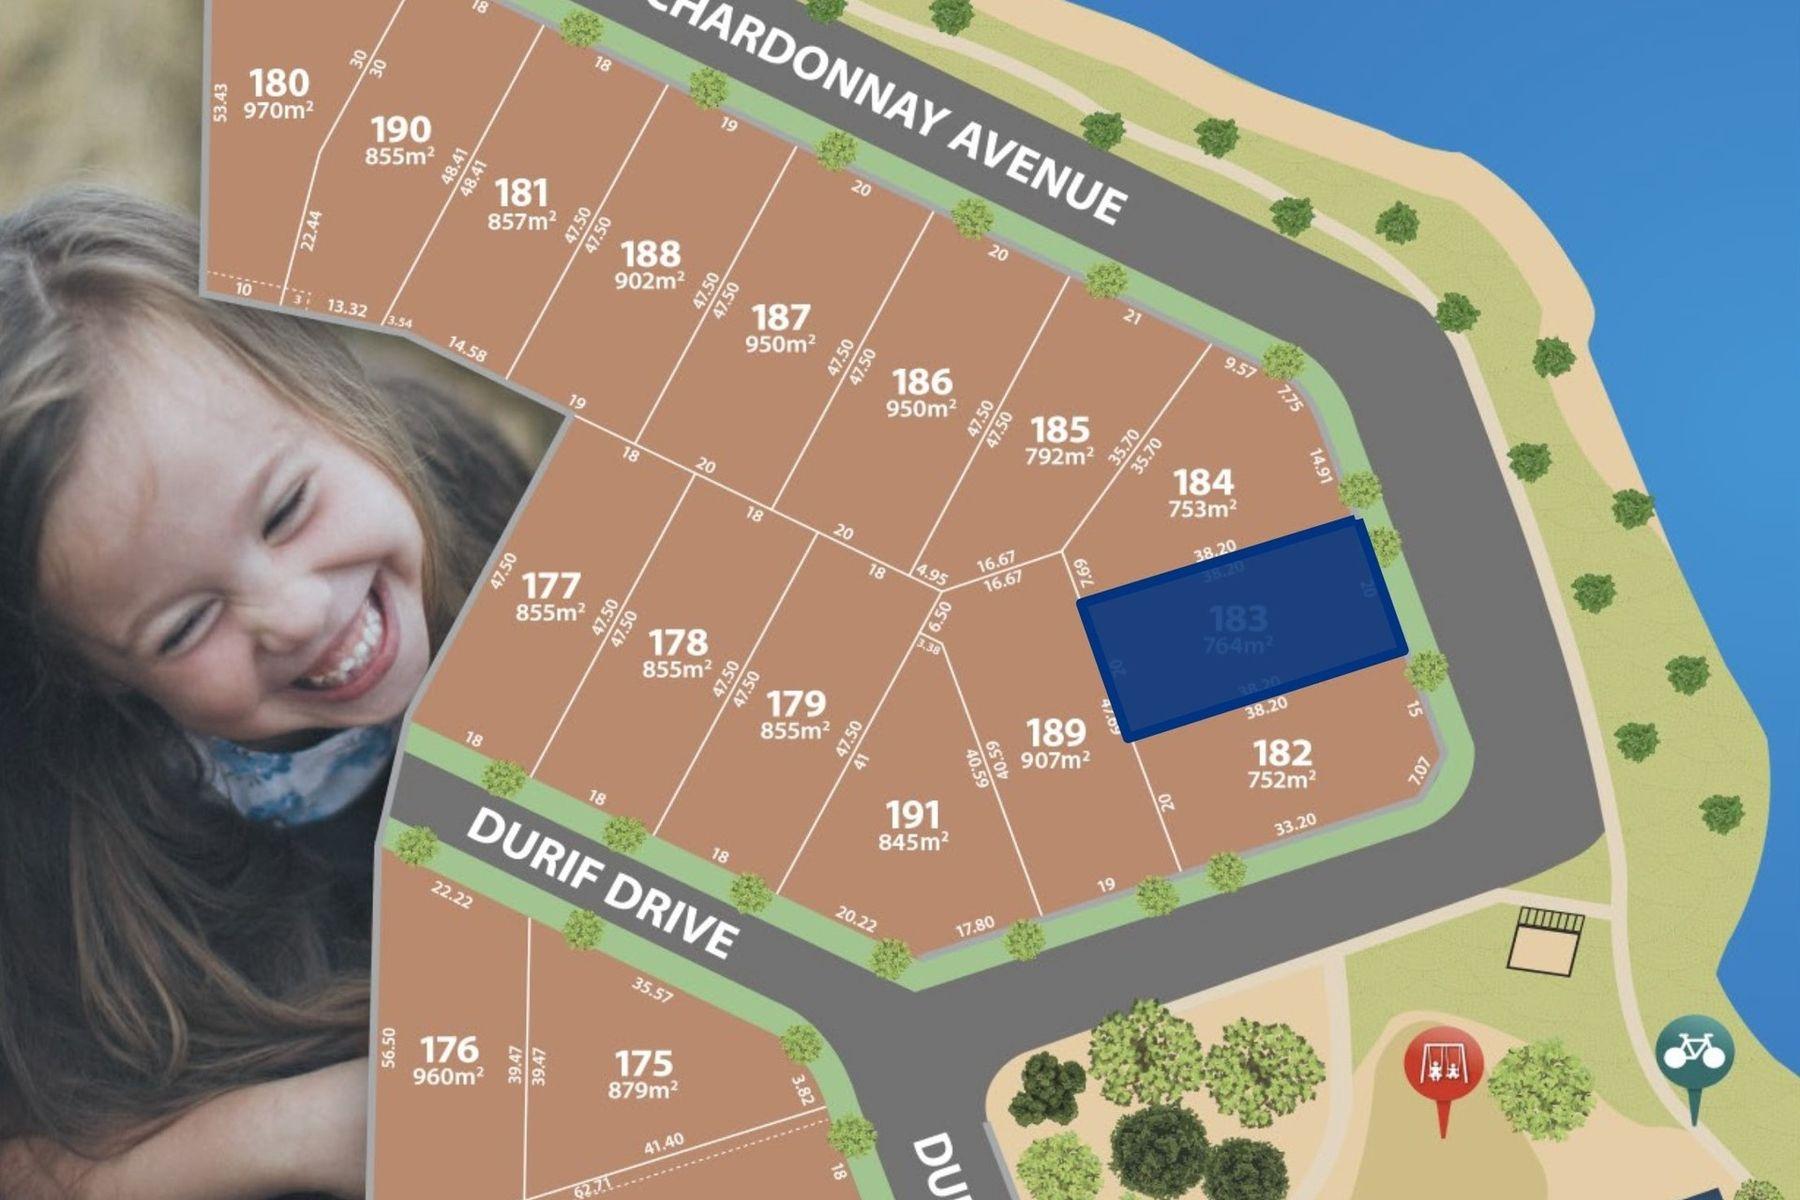 Lot 183/7 Chardonnay Drive, Moama, NSW 2731